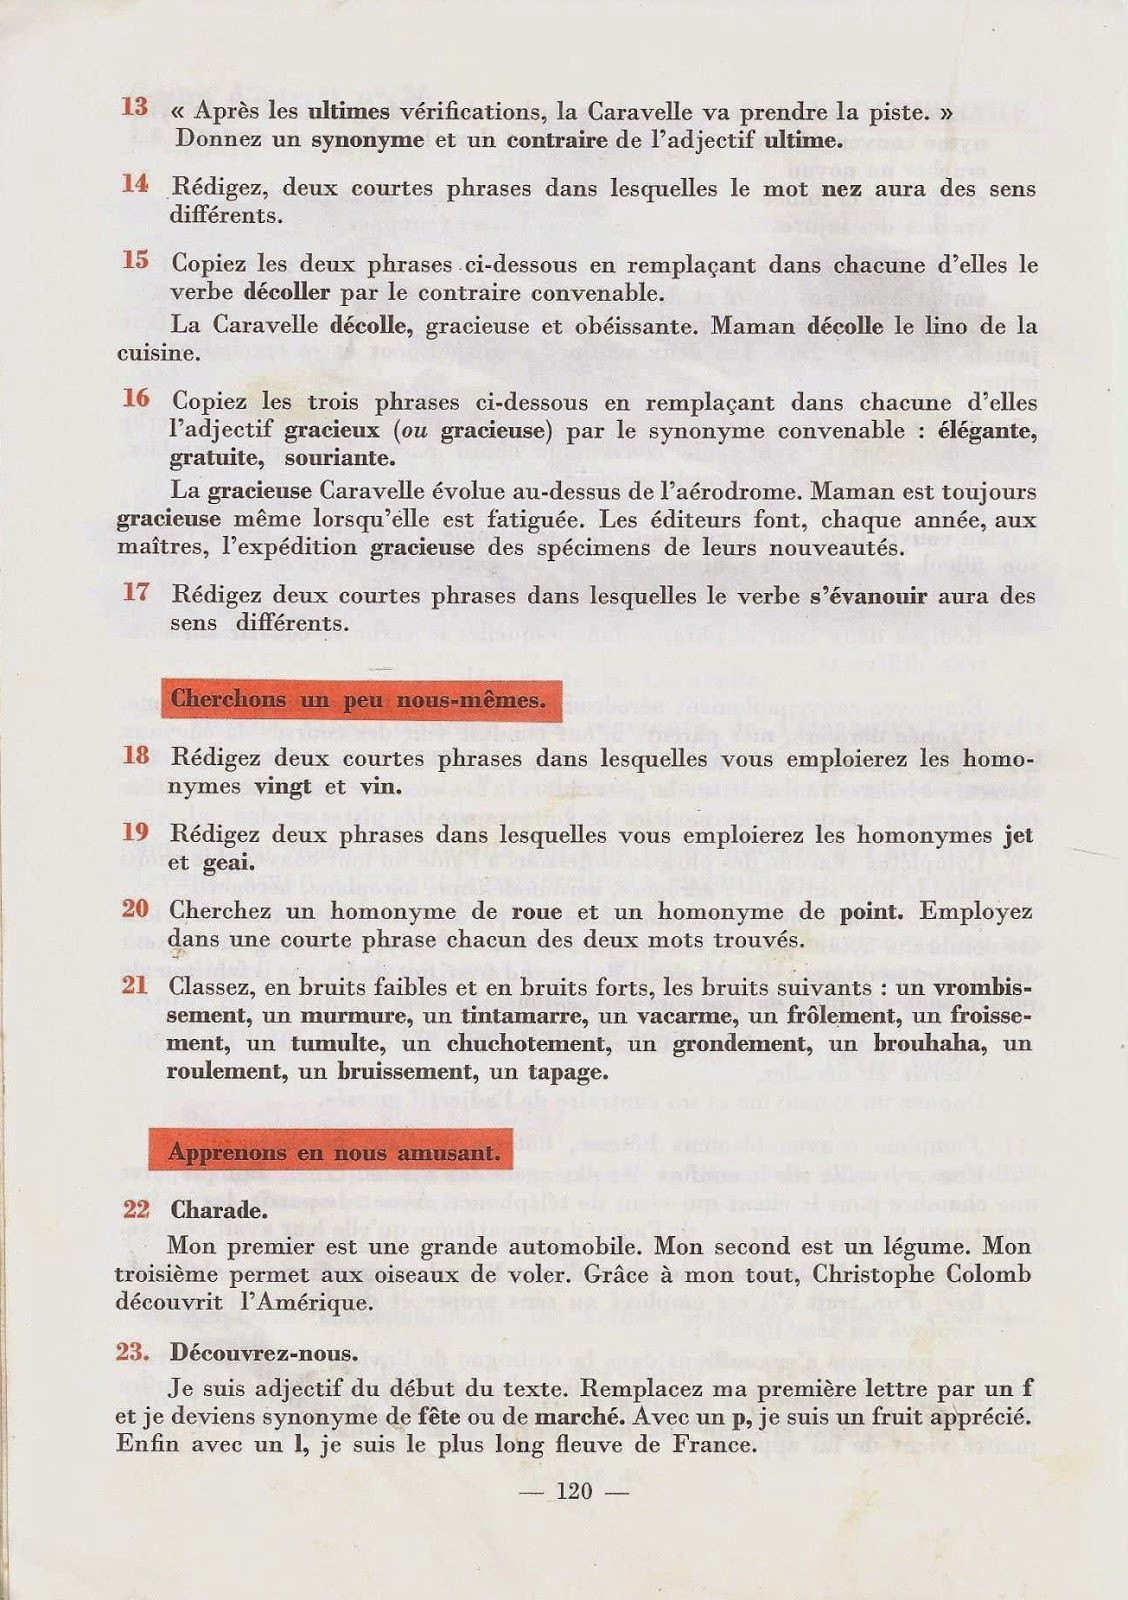 Verret Et Furcy Ecrire Et Parler Cm1 1964 Cm1 Expression Ecrite Ecrire